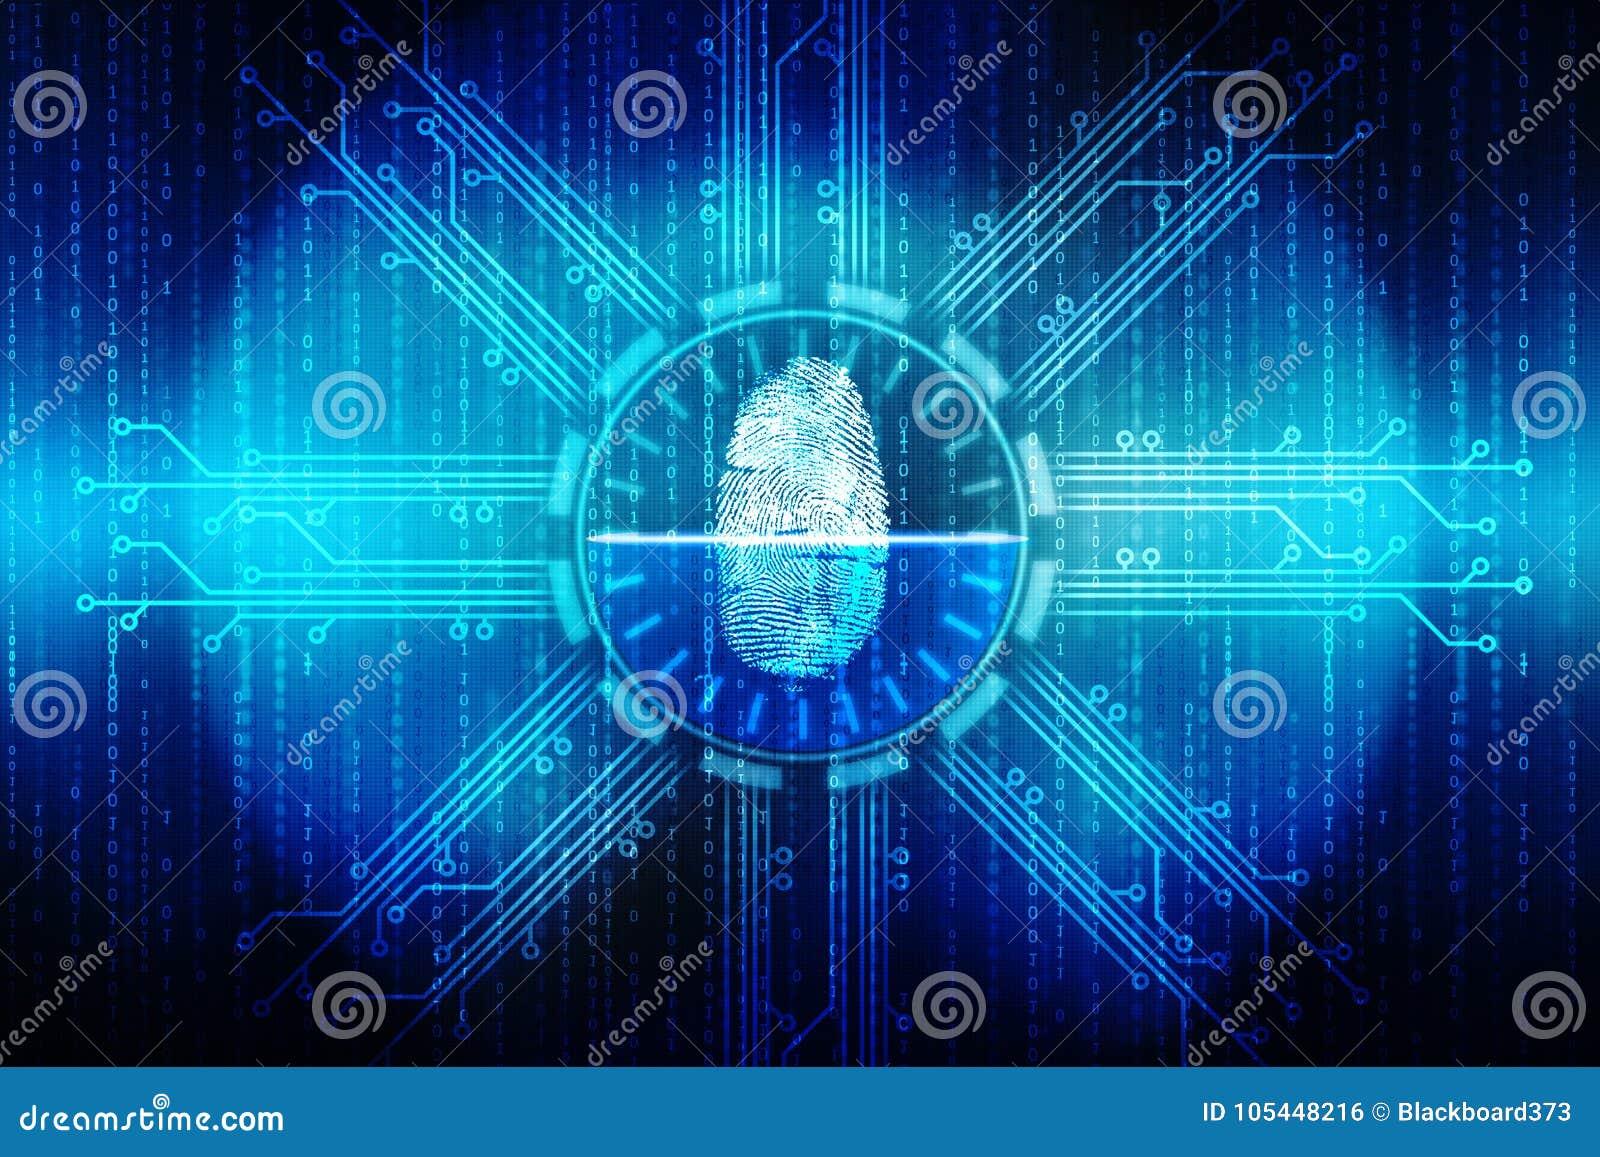 Fingerprint Scanning Technology Concept Illustration, cyber security backgrond